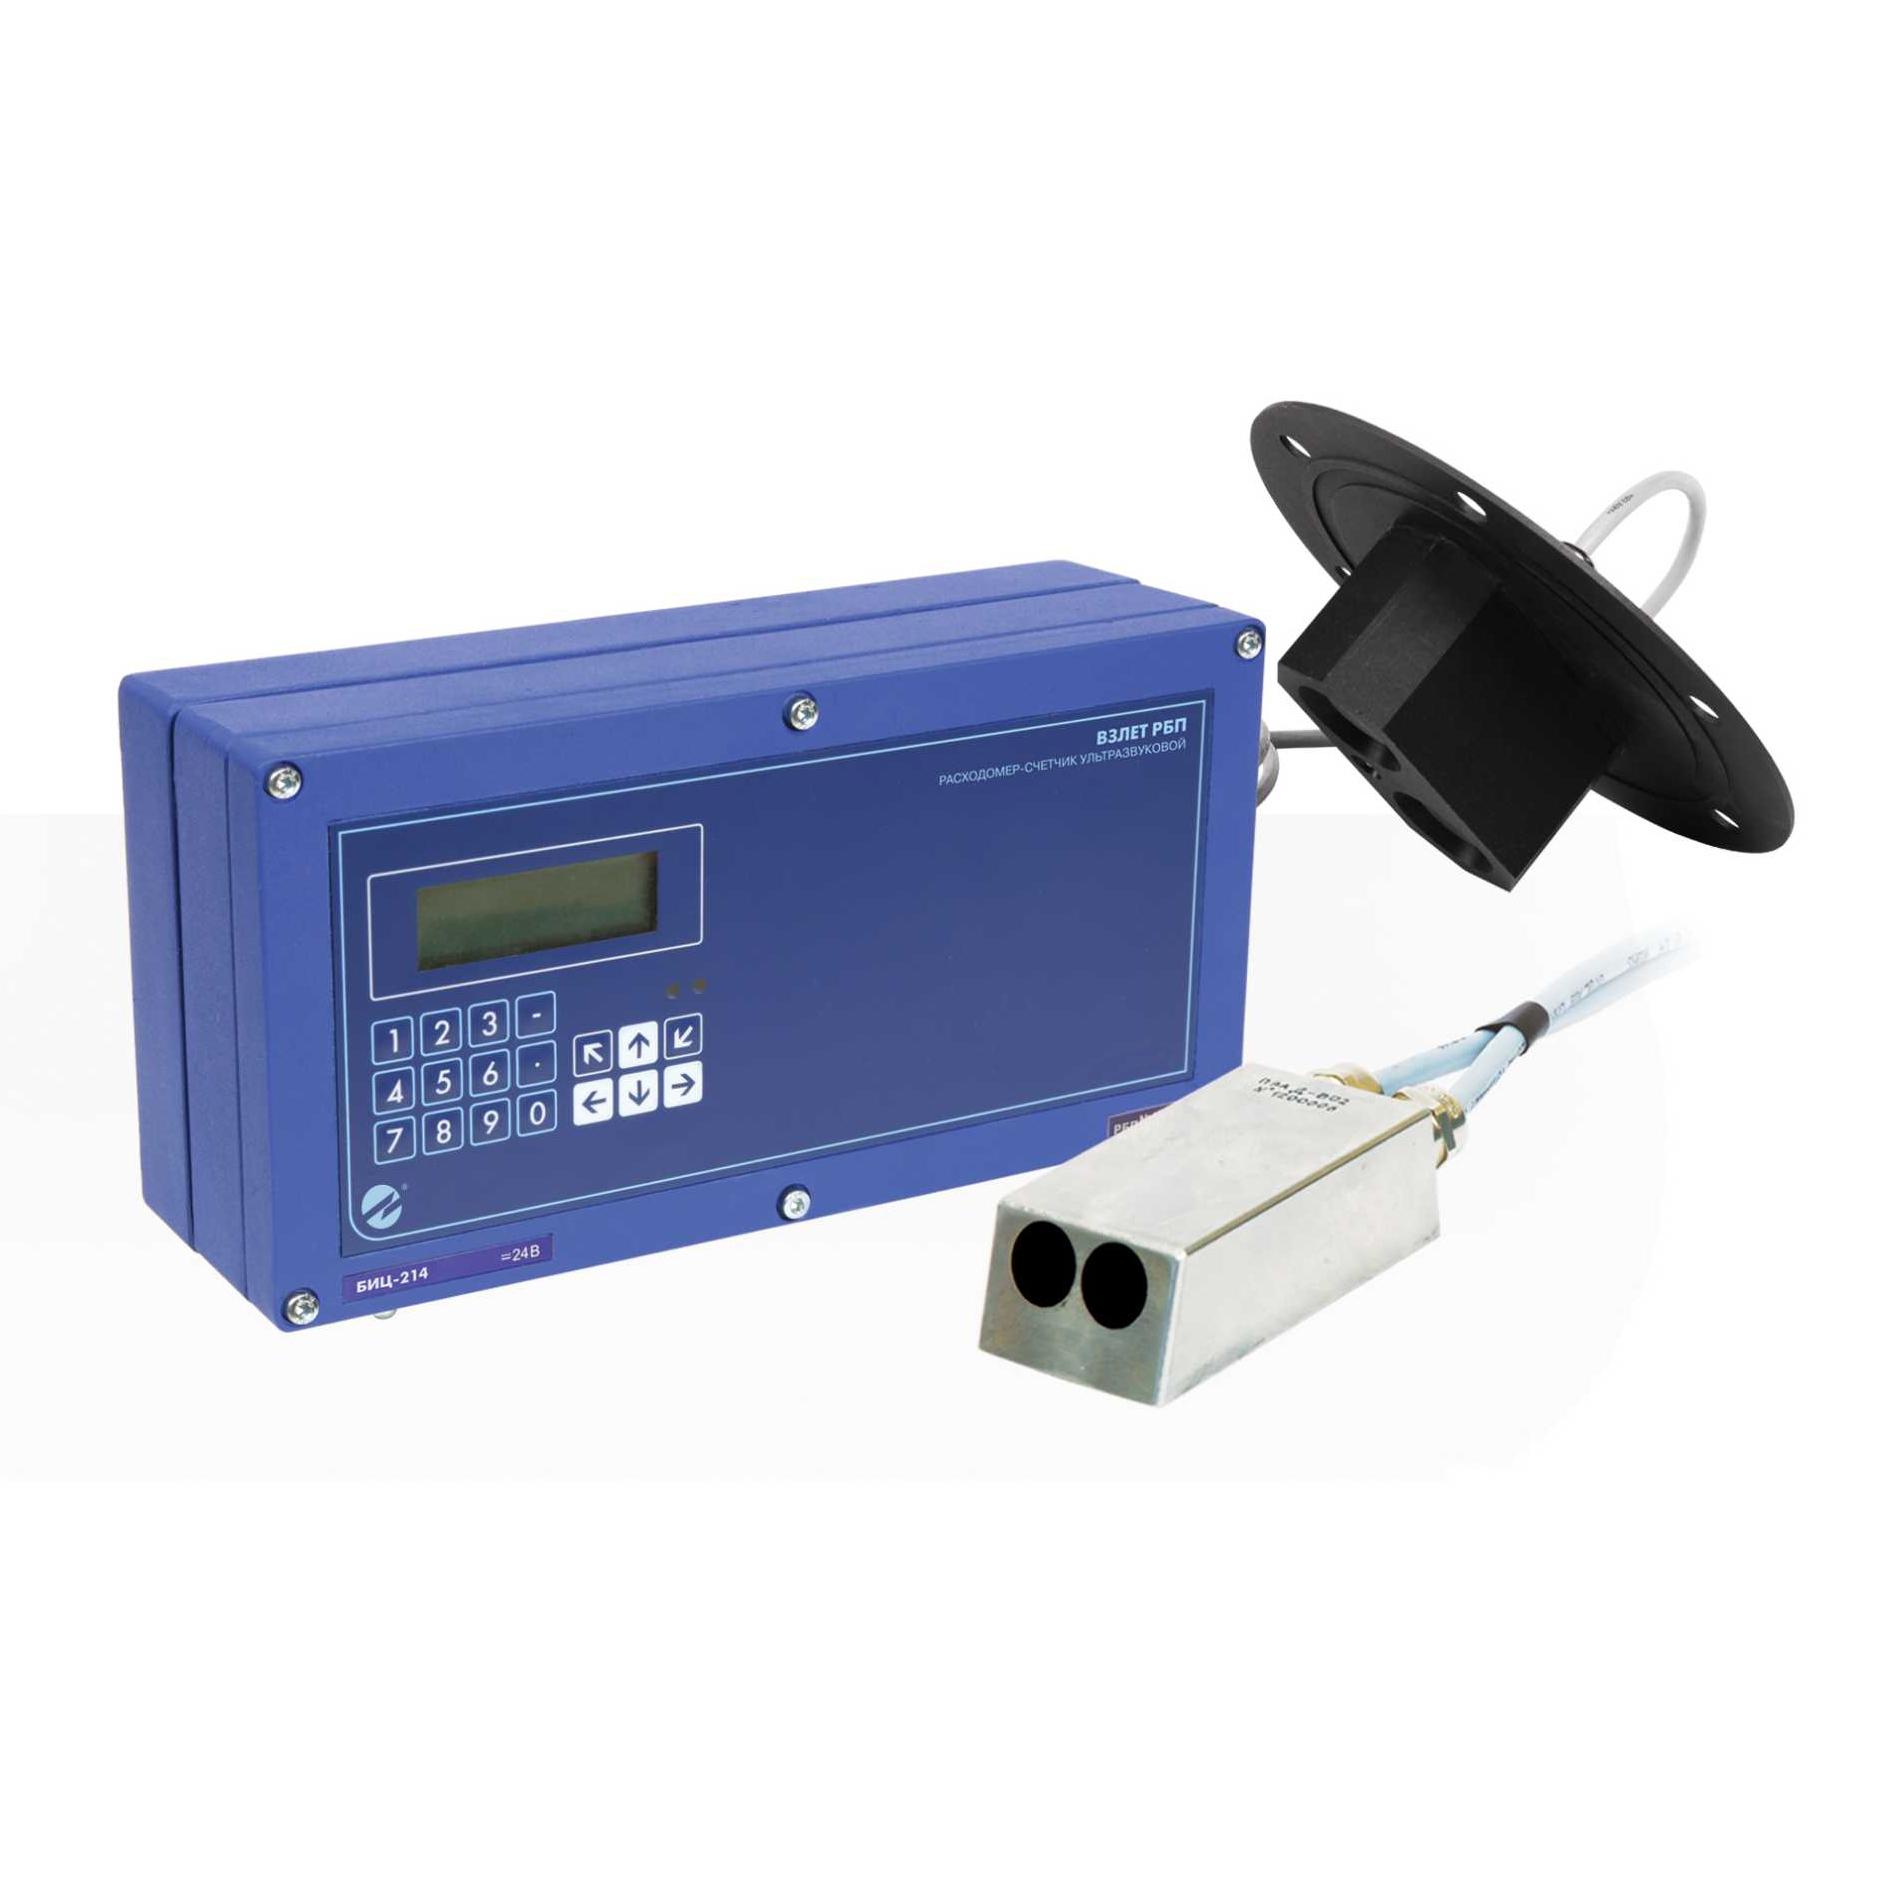 ВЗЛЕТ РБП расходомер-счетчик ультразвуковой для безнапорных потоков